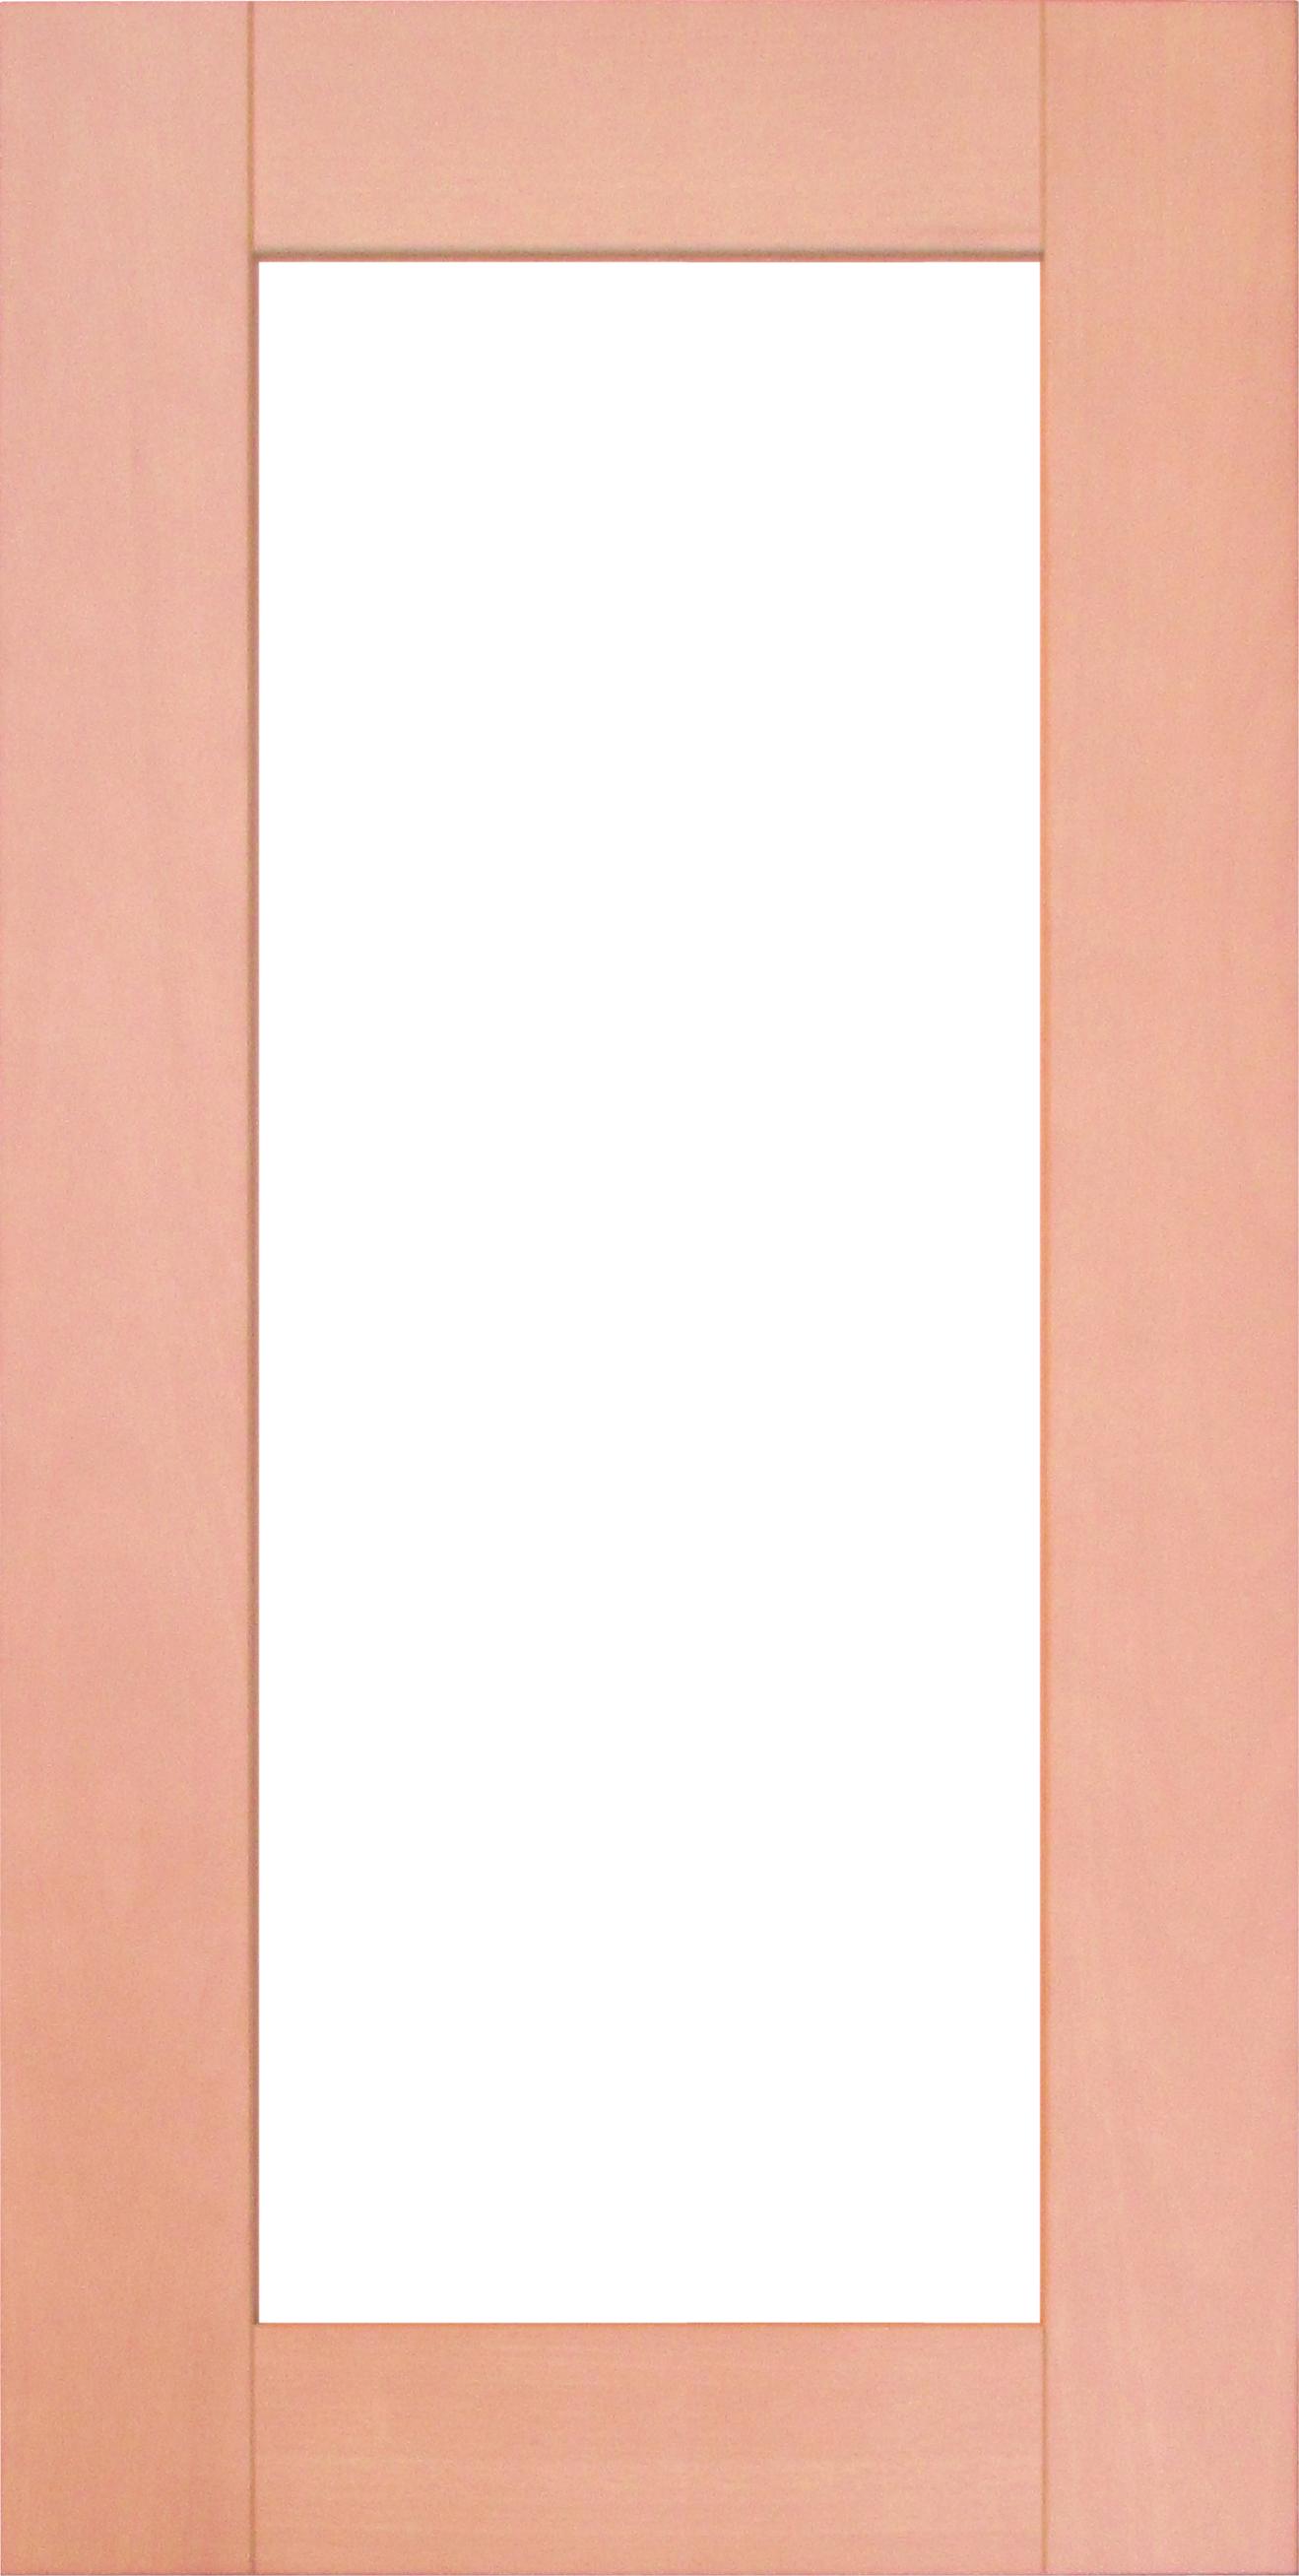 ikea Ädel vitrinentür küchenfront in buche 40x92cm 601.413.37-60141337